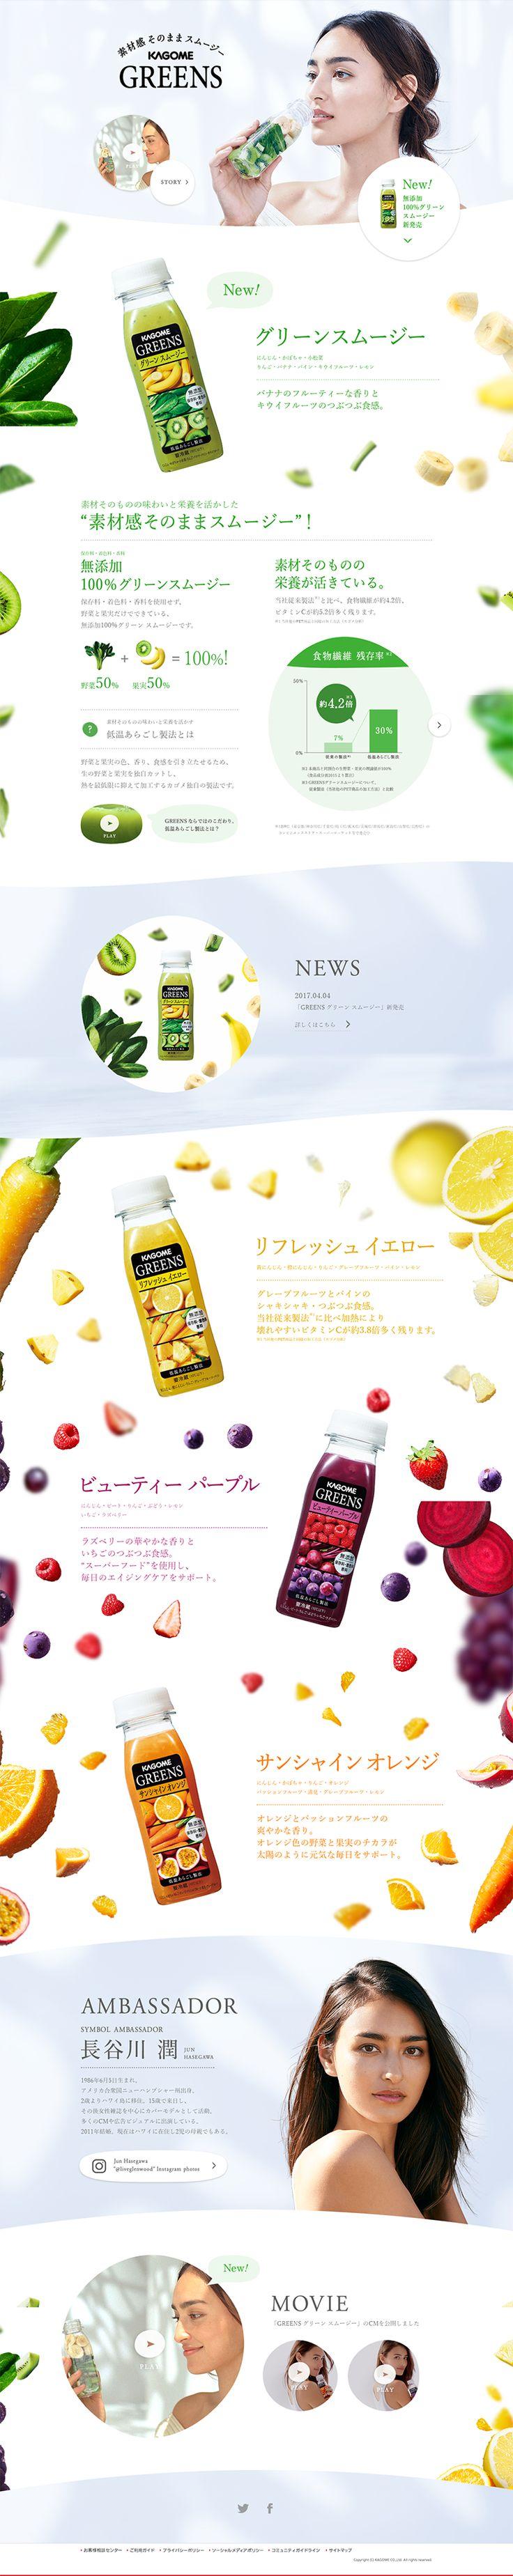 http://rdlp.jp/archives/otherdesign/lp/30889